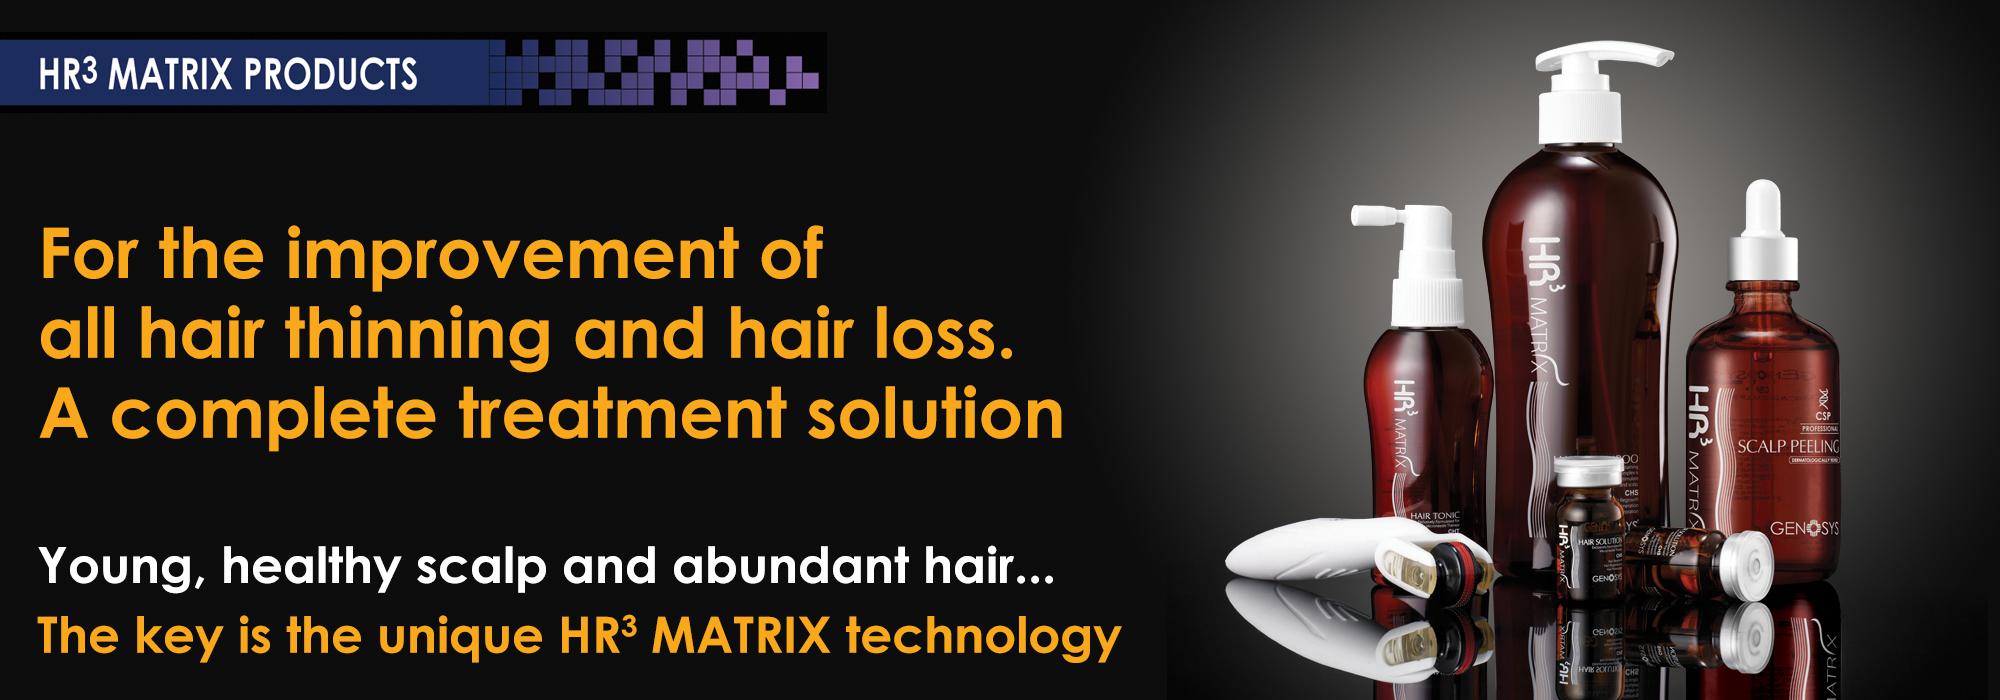 HR3-Matrix-Banner-2000-x-700px